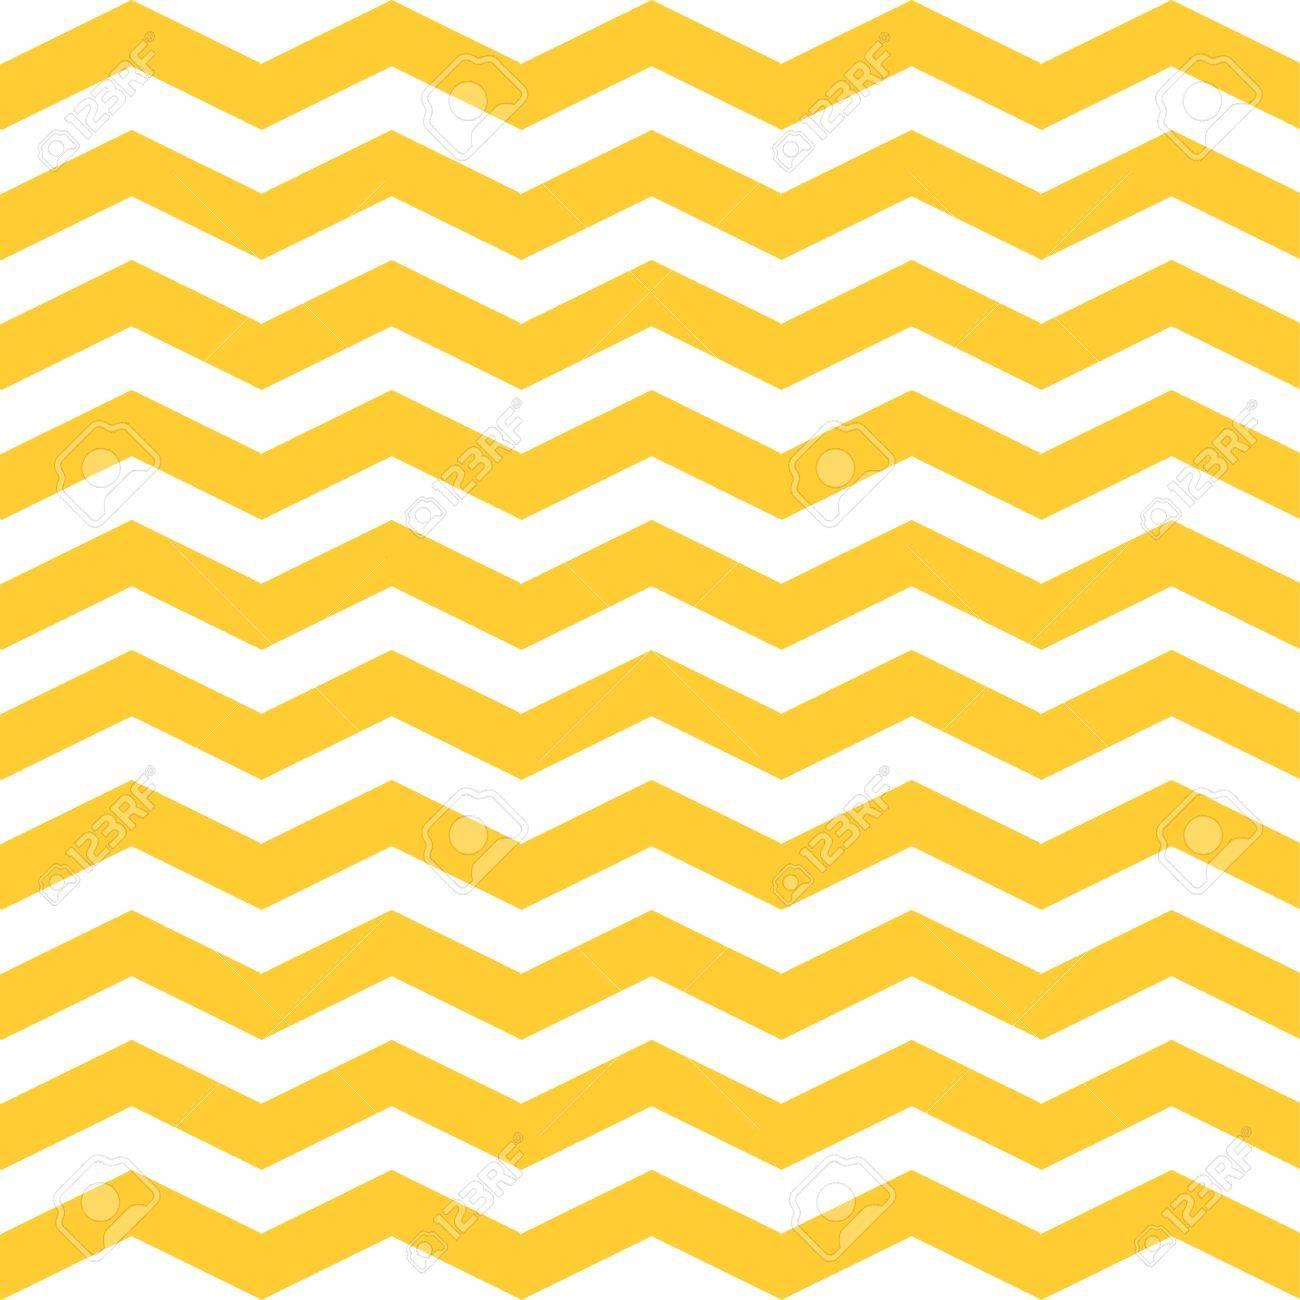 Nahtlose Zickzack Zickzack Muster. Gelbe Und Weiße Vektor ...